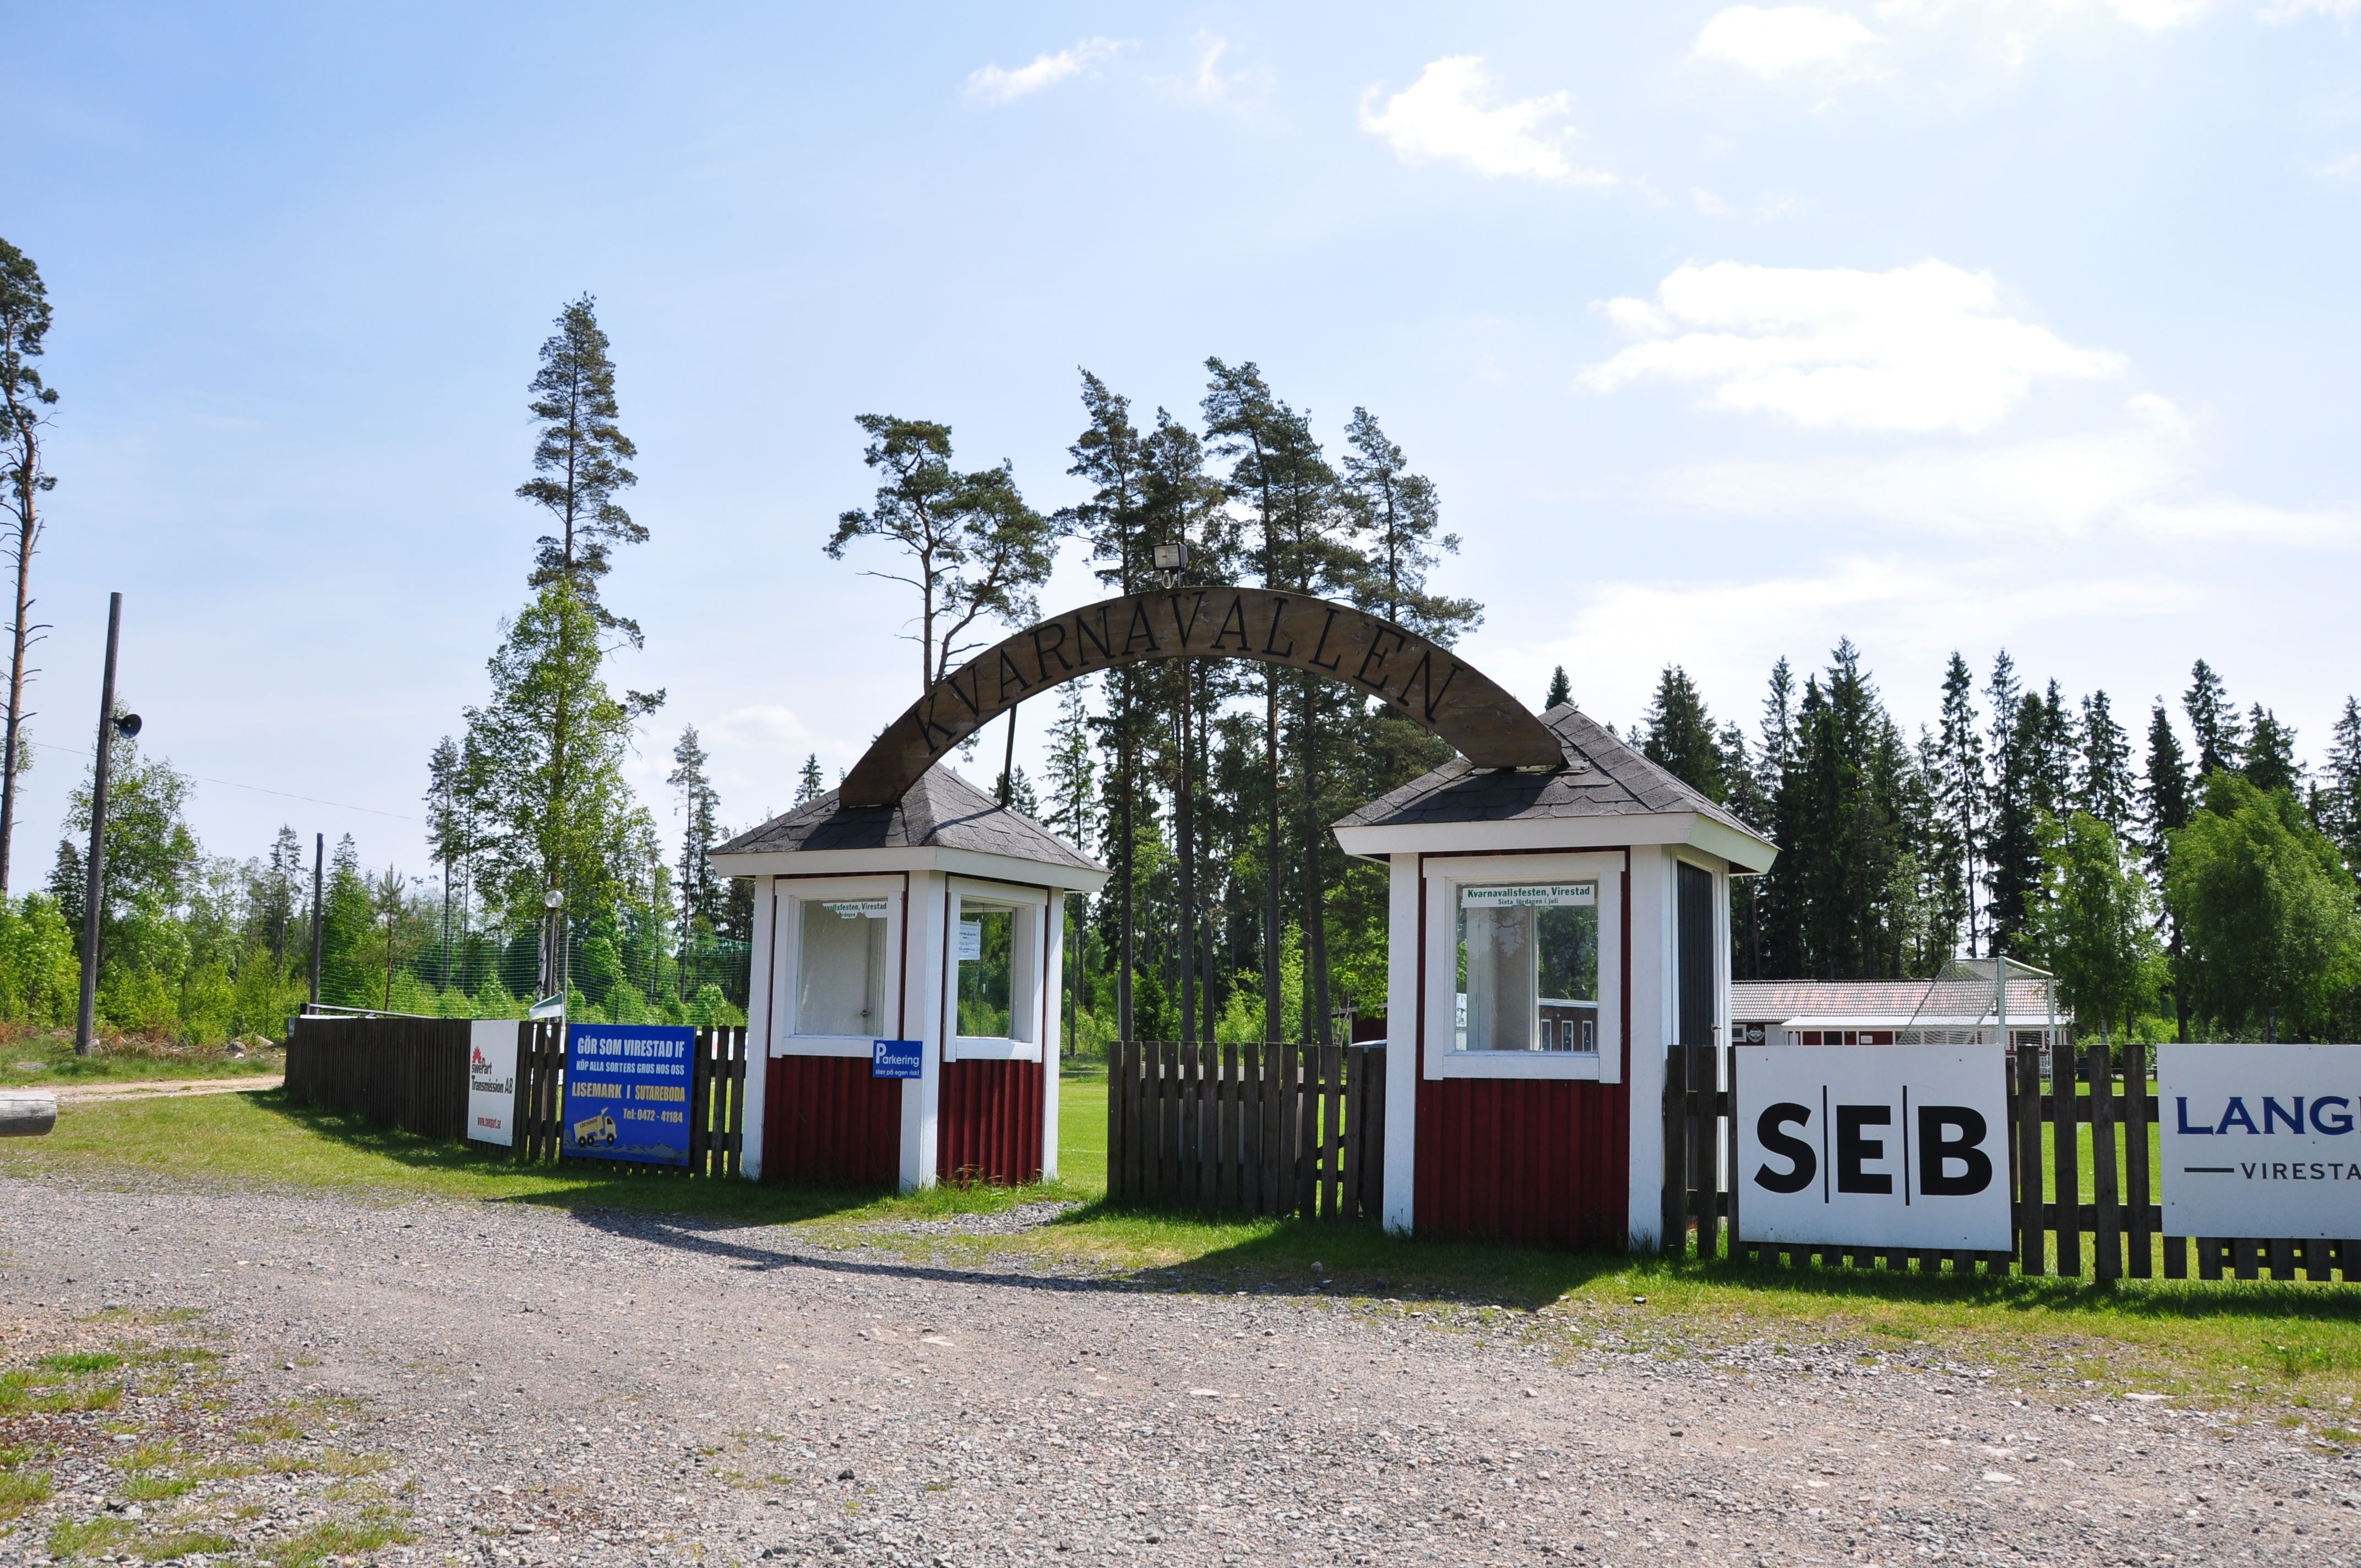 Sports ground, Kvarnavallen, Virestad